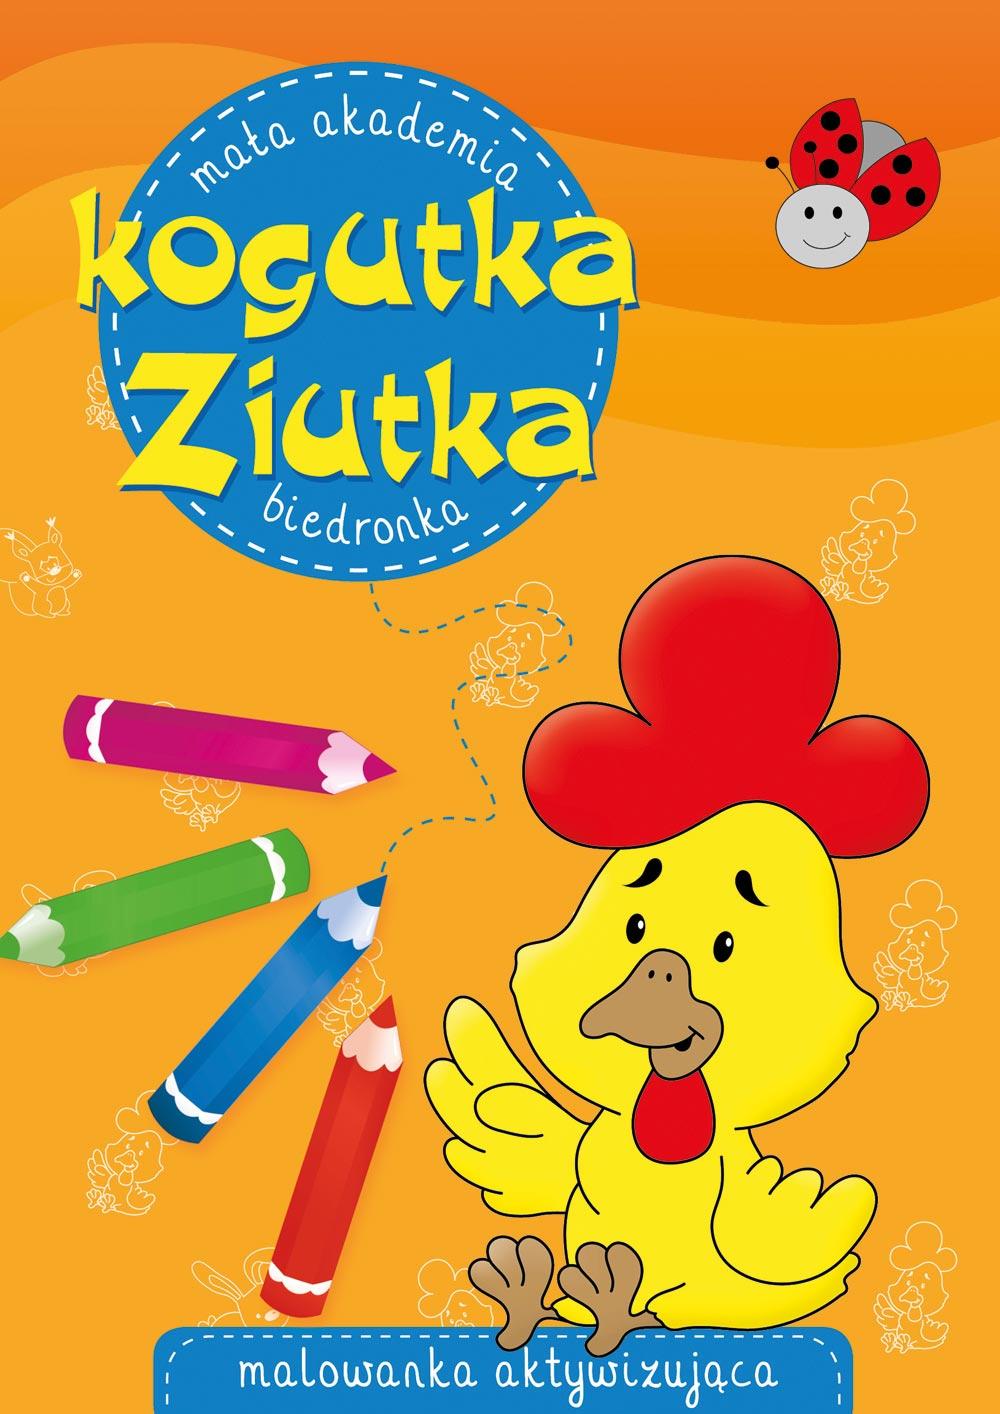 Książeczka Mała Akademia Kogutka Ziutka. Biedronka